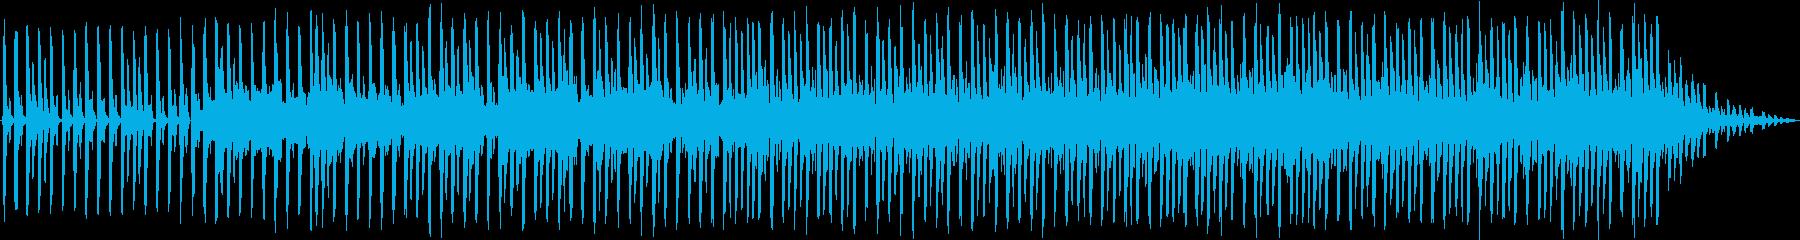 ハッピー。ポジティブ。ロックギター...の再生済みの波形